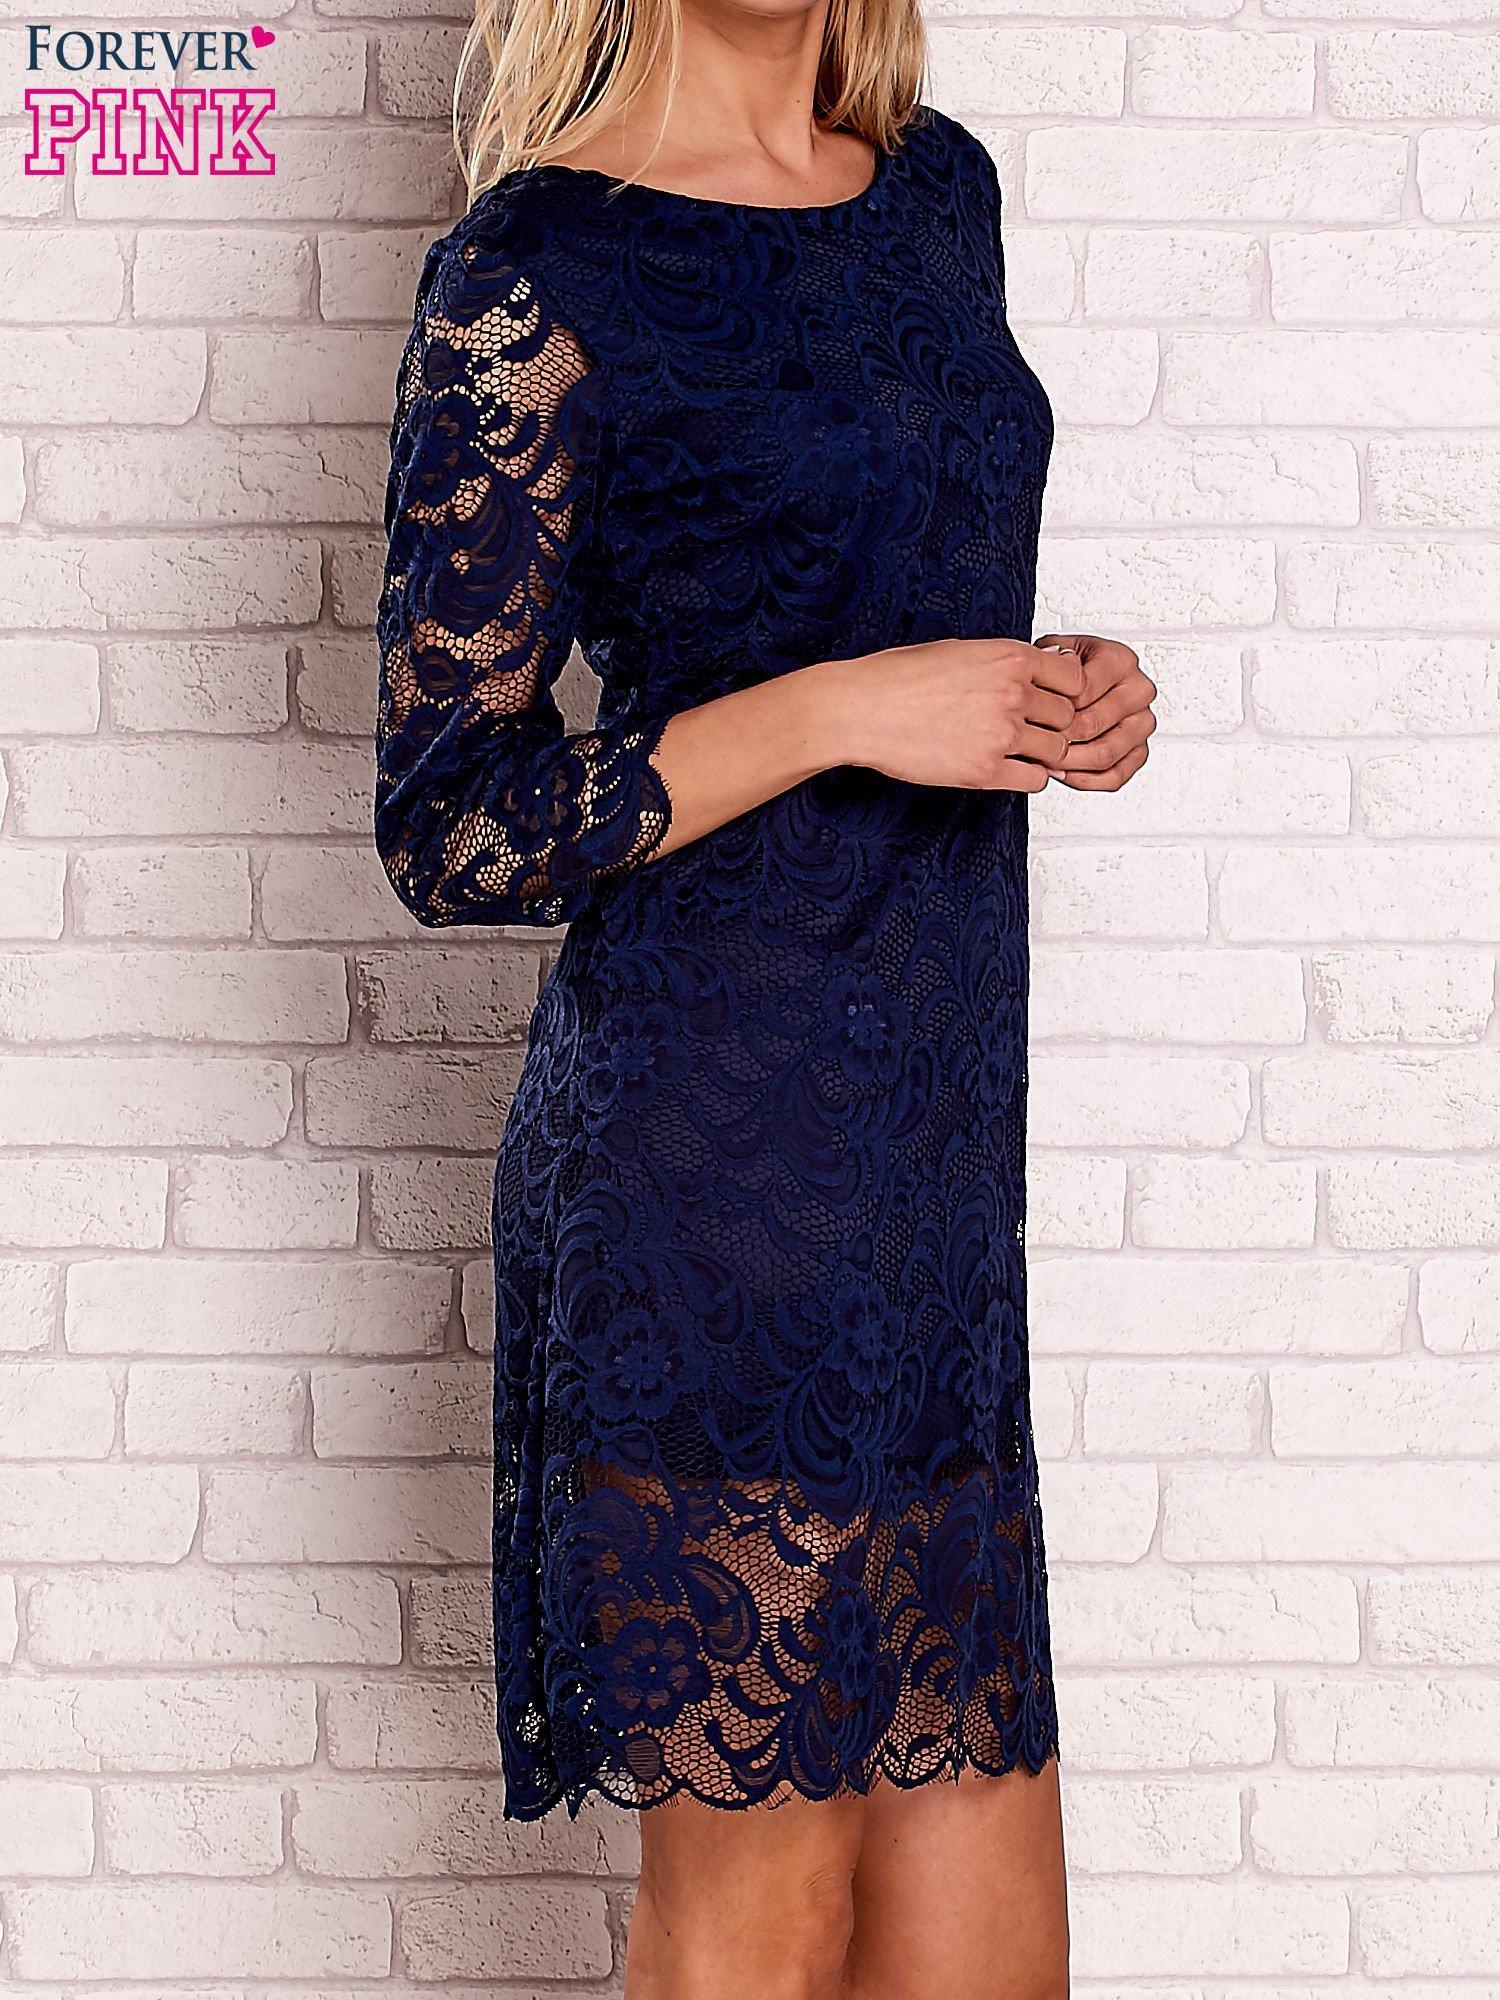 84d9dc8524 Granatowa koronkowa sukienka z wiązaniem na plecach - Sukienka ...